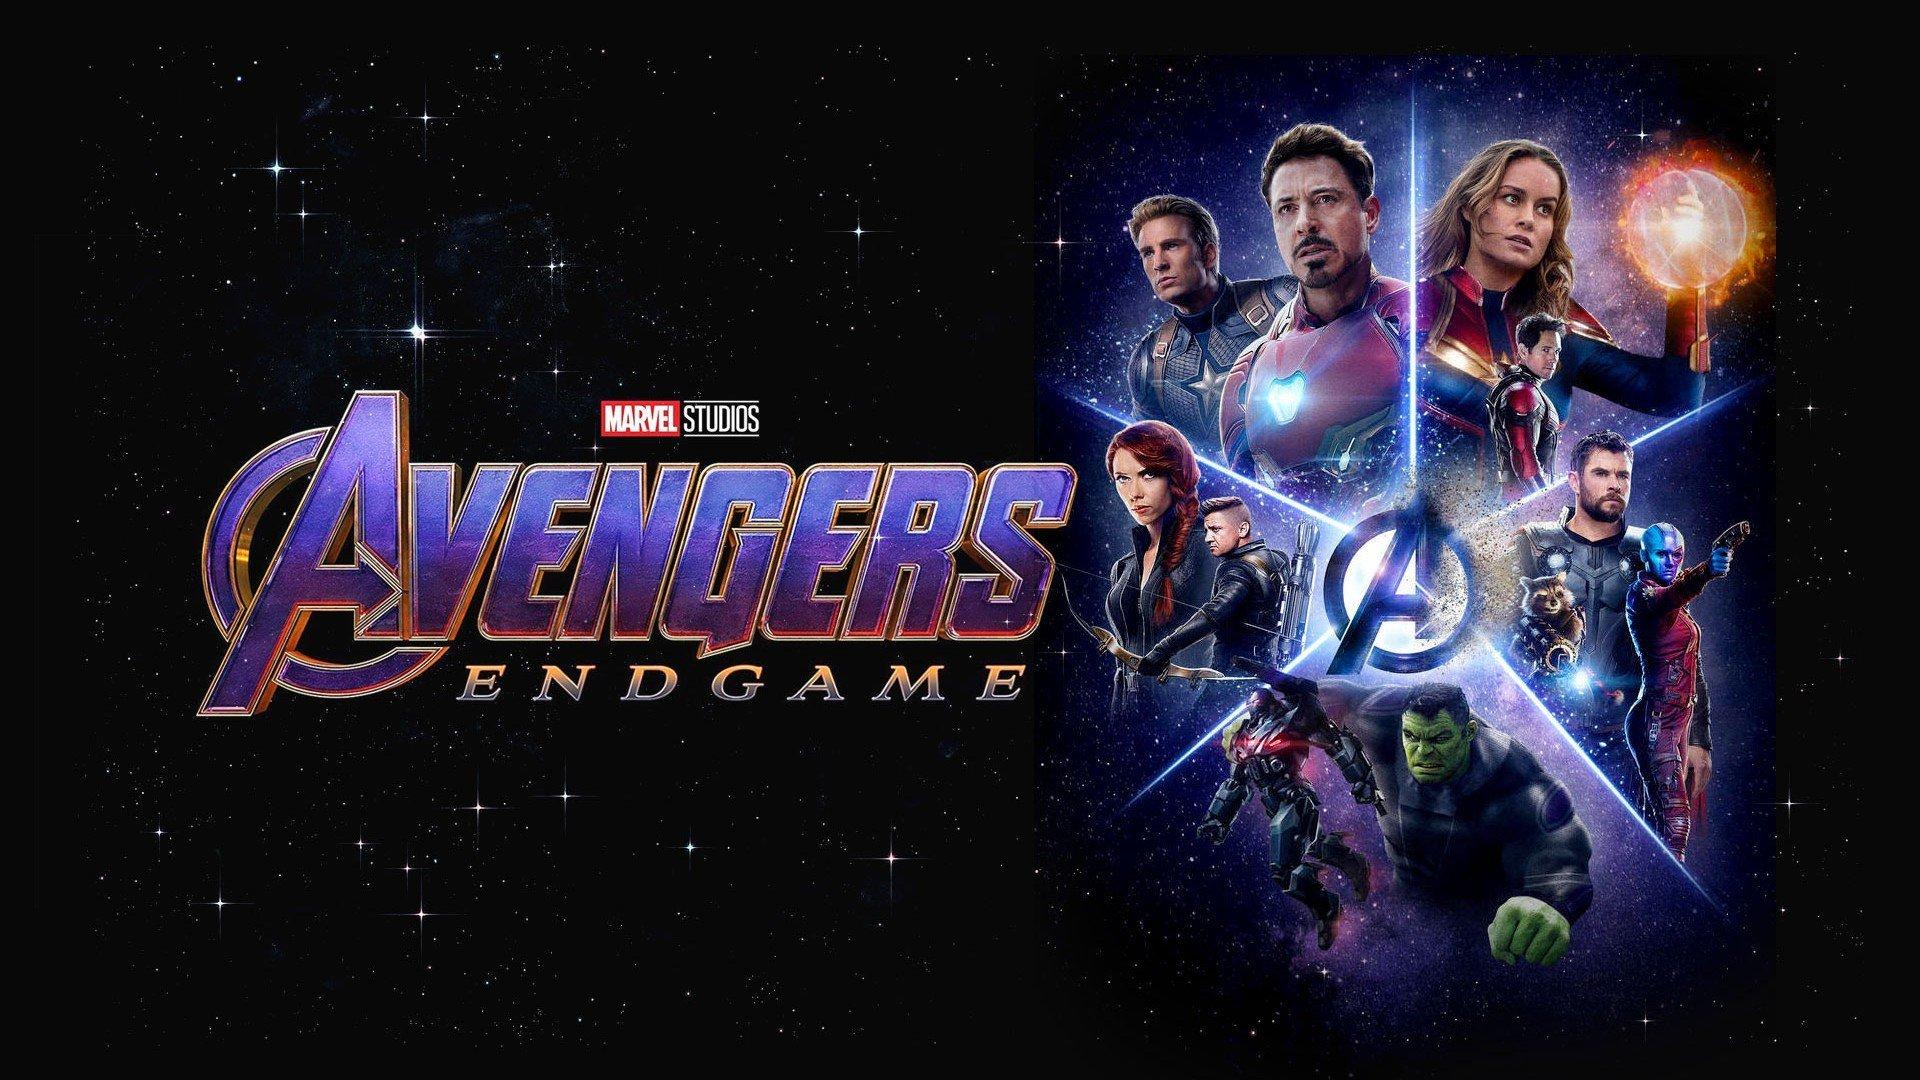 Avengers Endgame Full Movie Watch Online Hd At Avenger85452817 تويتر